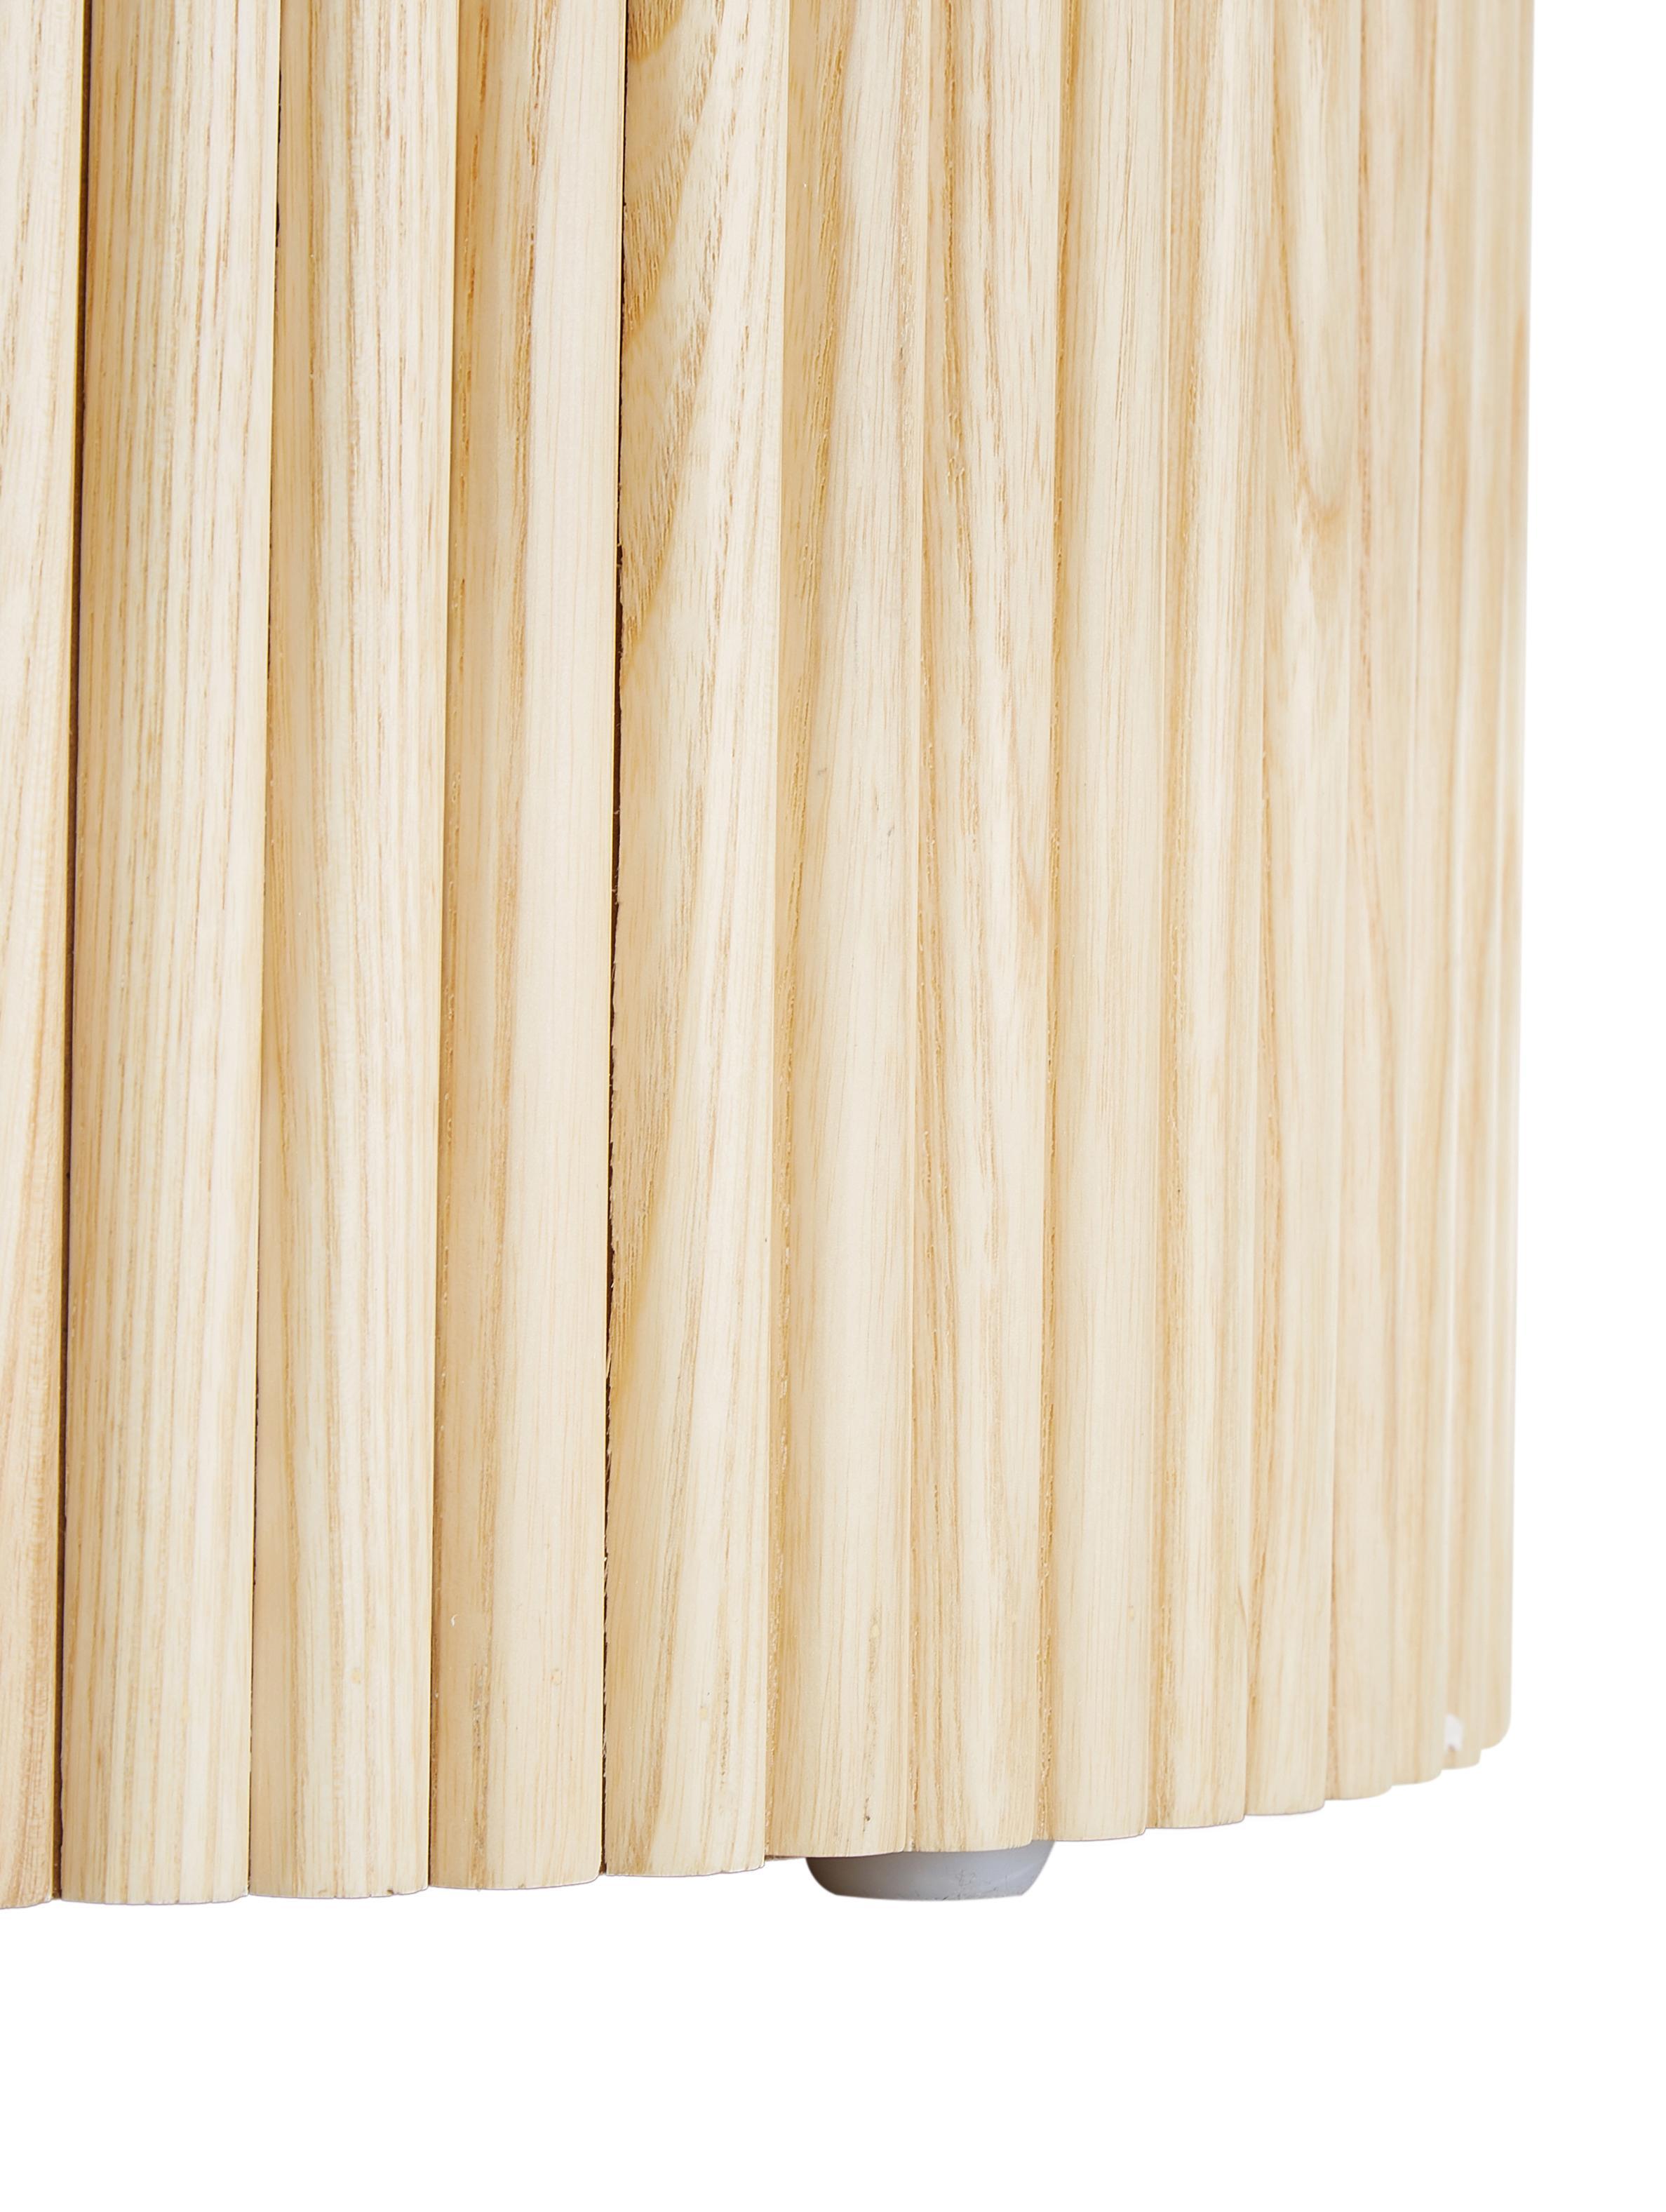 Tavolino contenitore rotondo Nele, Pannelli di fibra a media densità (MDF) con impiallacciatura di frassino, Impiallacciatura di frassino, Ø 40 x Alt. 51 cm